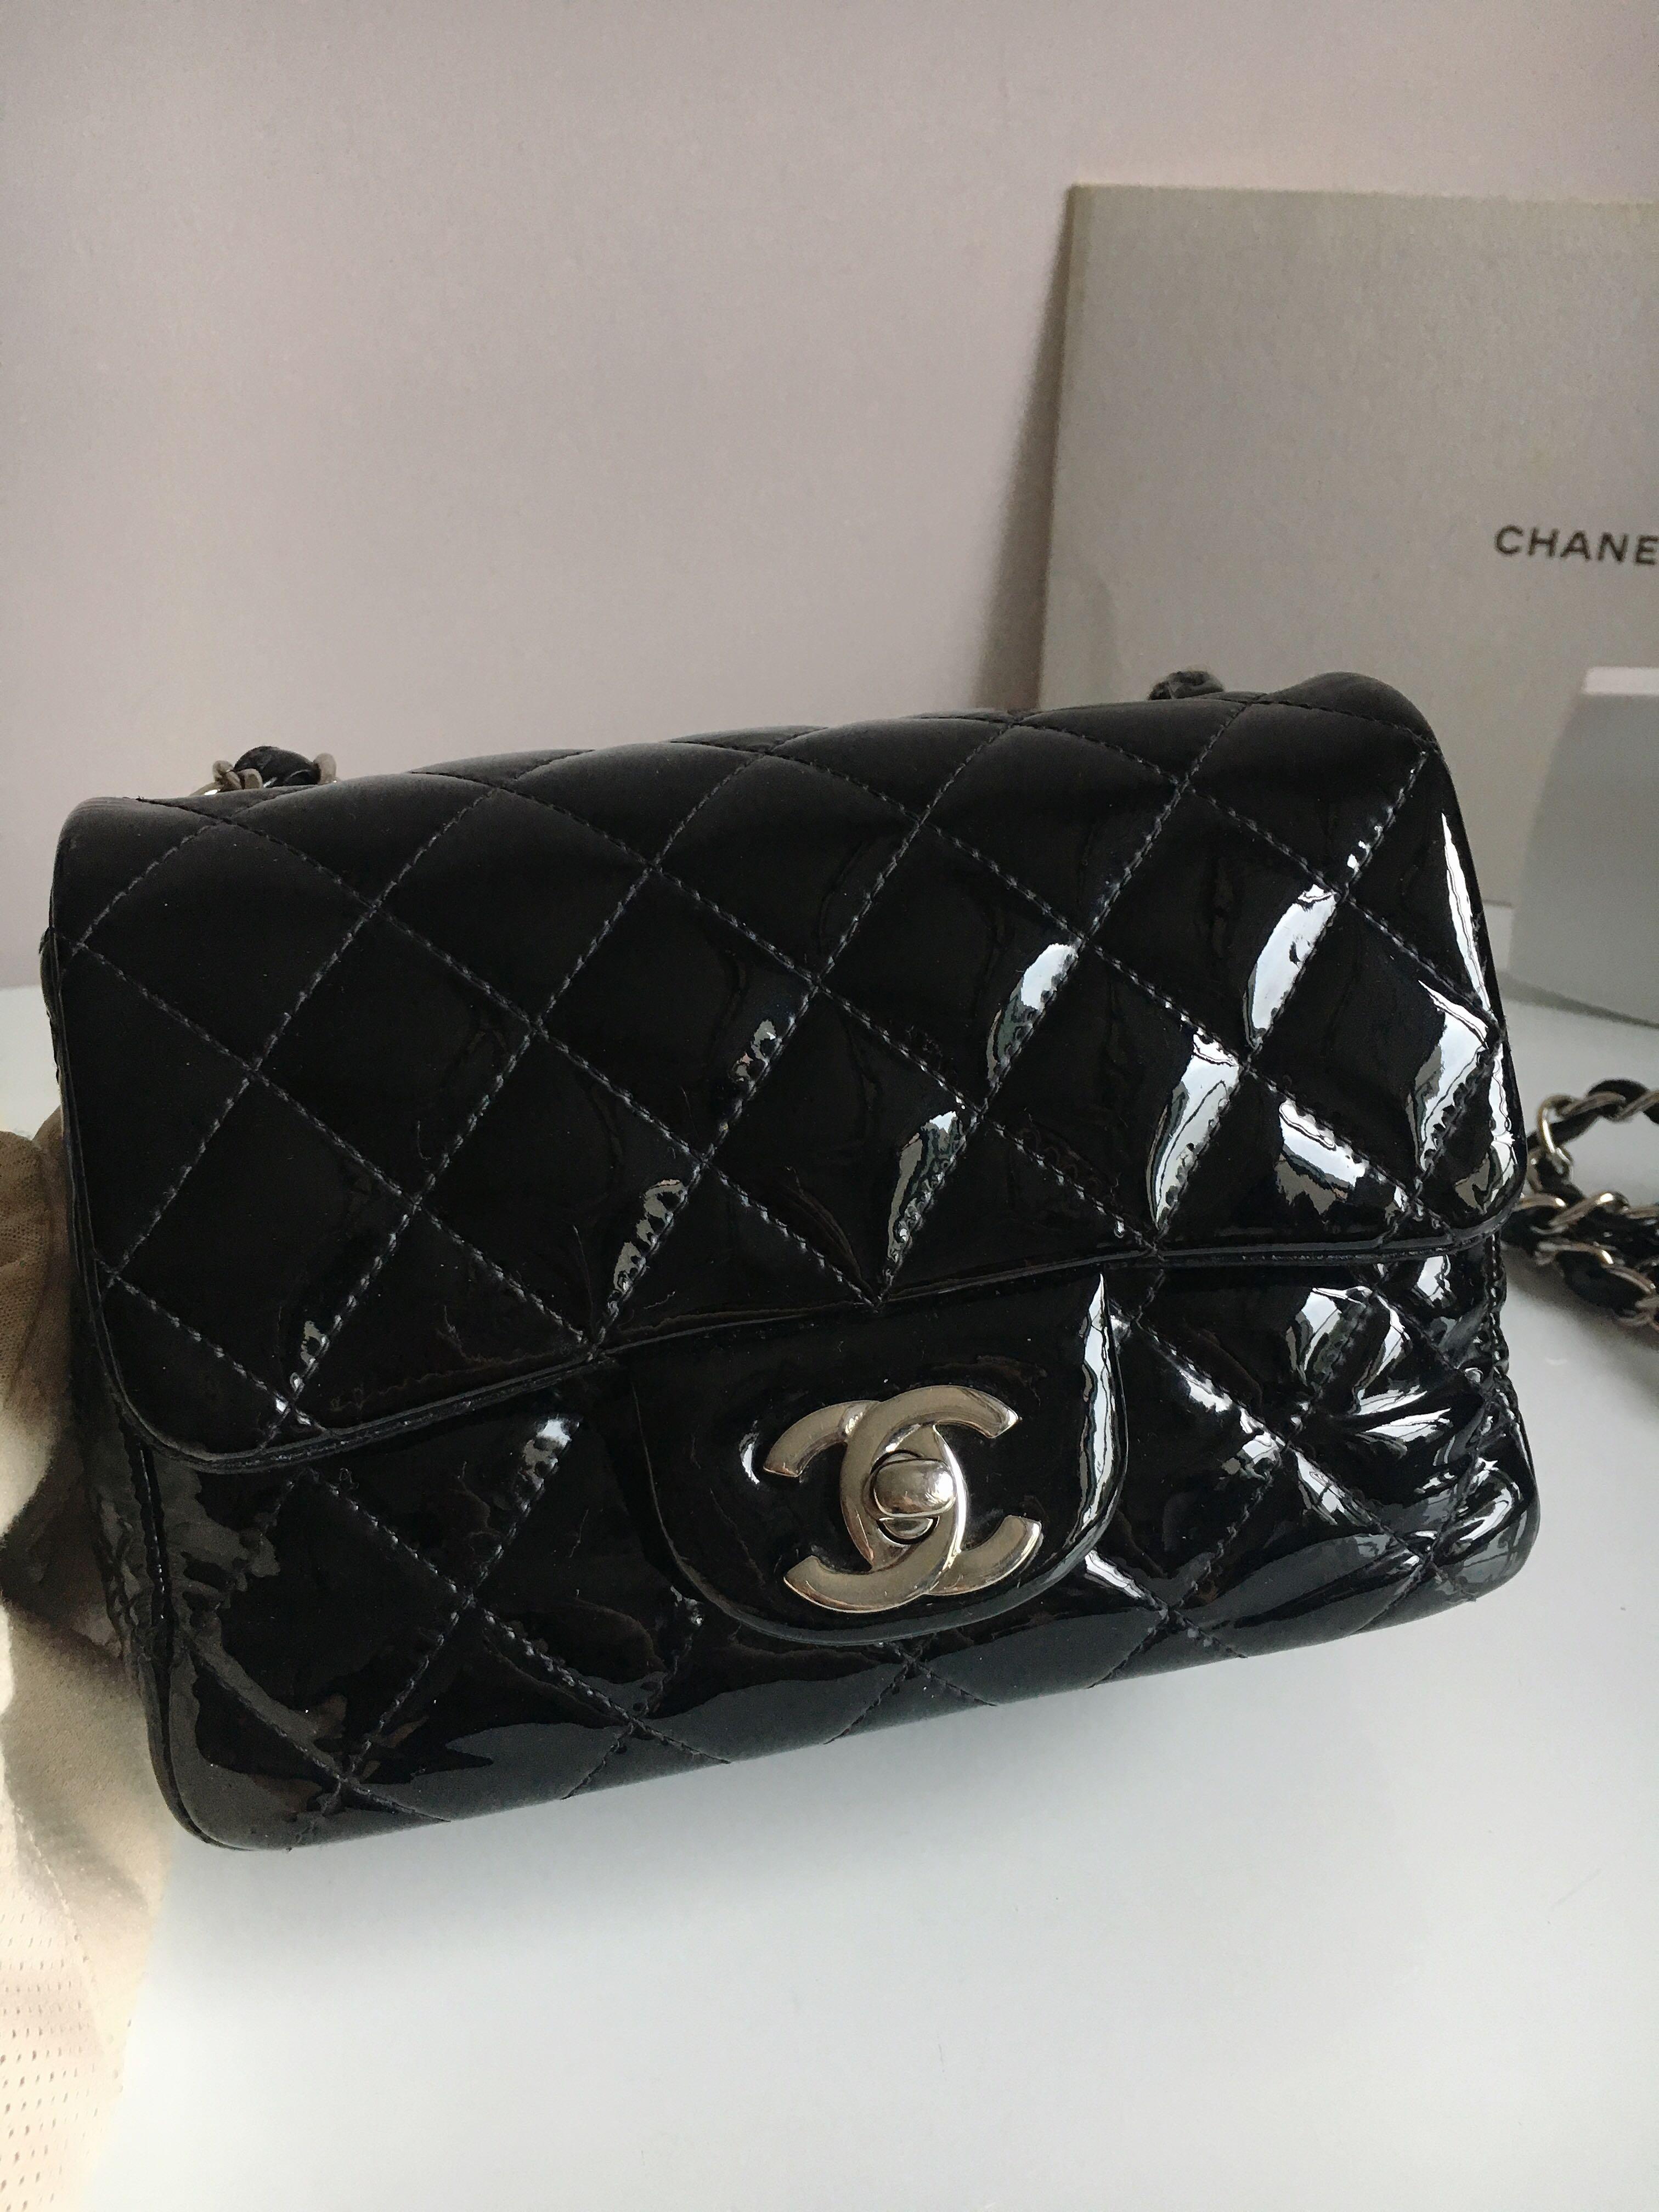 c4e8adb71325 Chanel Mini Square Chain Bag Crossbody 17cm